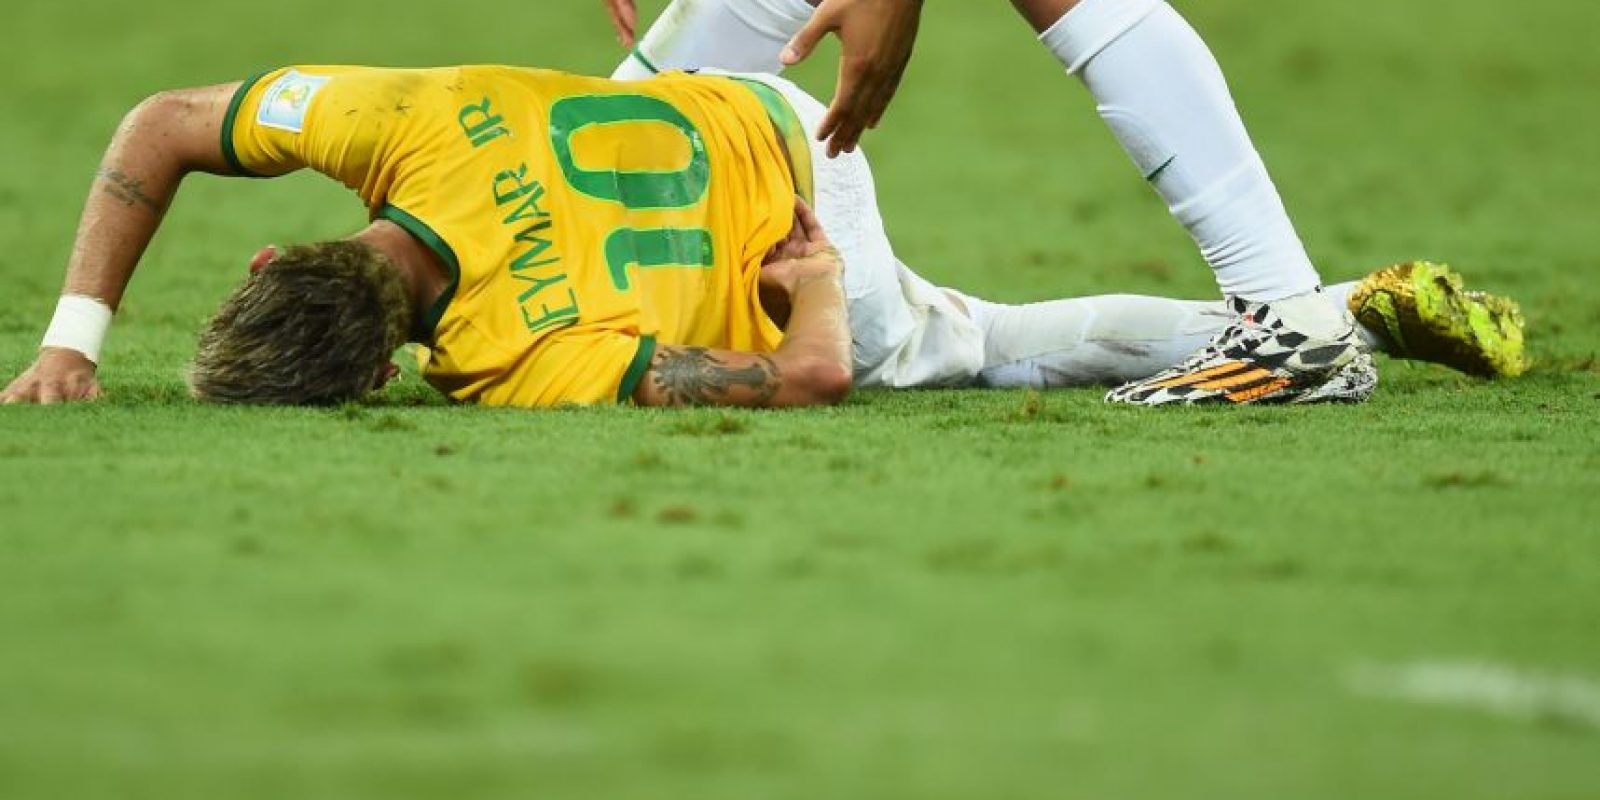 Esto provocó que Neymar quedara fuera de la Copa del Mundo y se perdiera el duelo de semifinales ante Alemania. Entonces, las redes sociales se volcaron contra Zúñiga quien además de recibir amenazas de muerte, fue objeto de insultos racistas. Foto:Getty Images